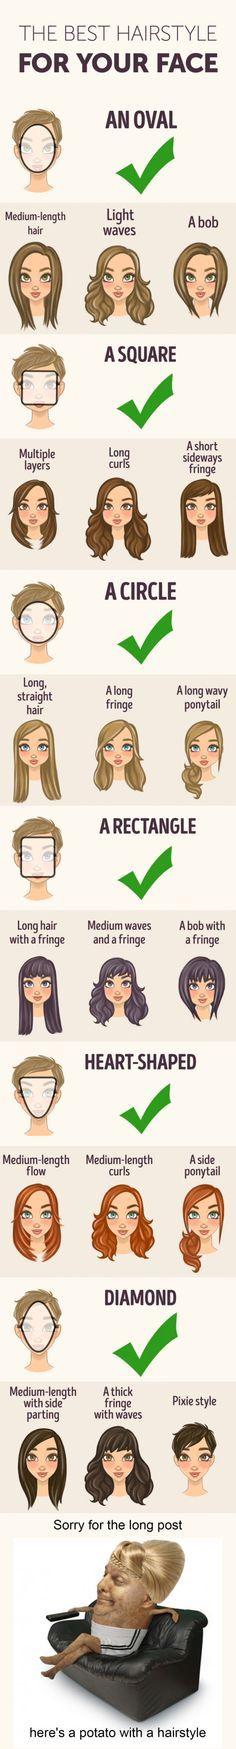 Mira la forma de tu cara y utiliza estos consejos que estan buenisimosss <3<3